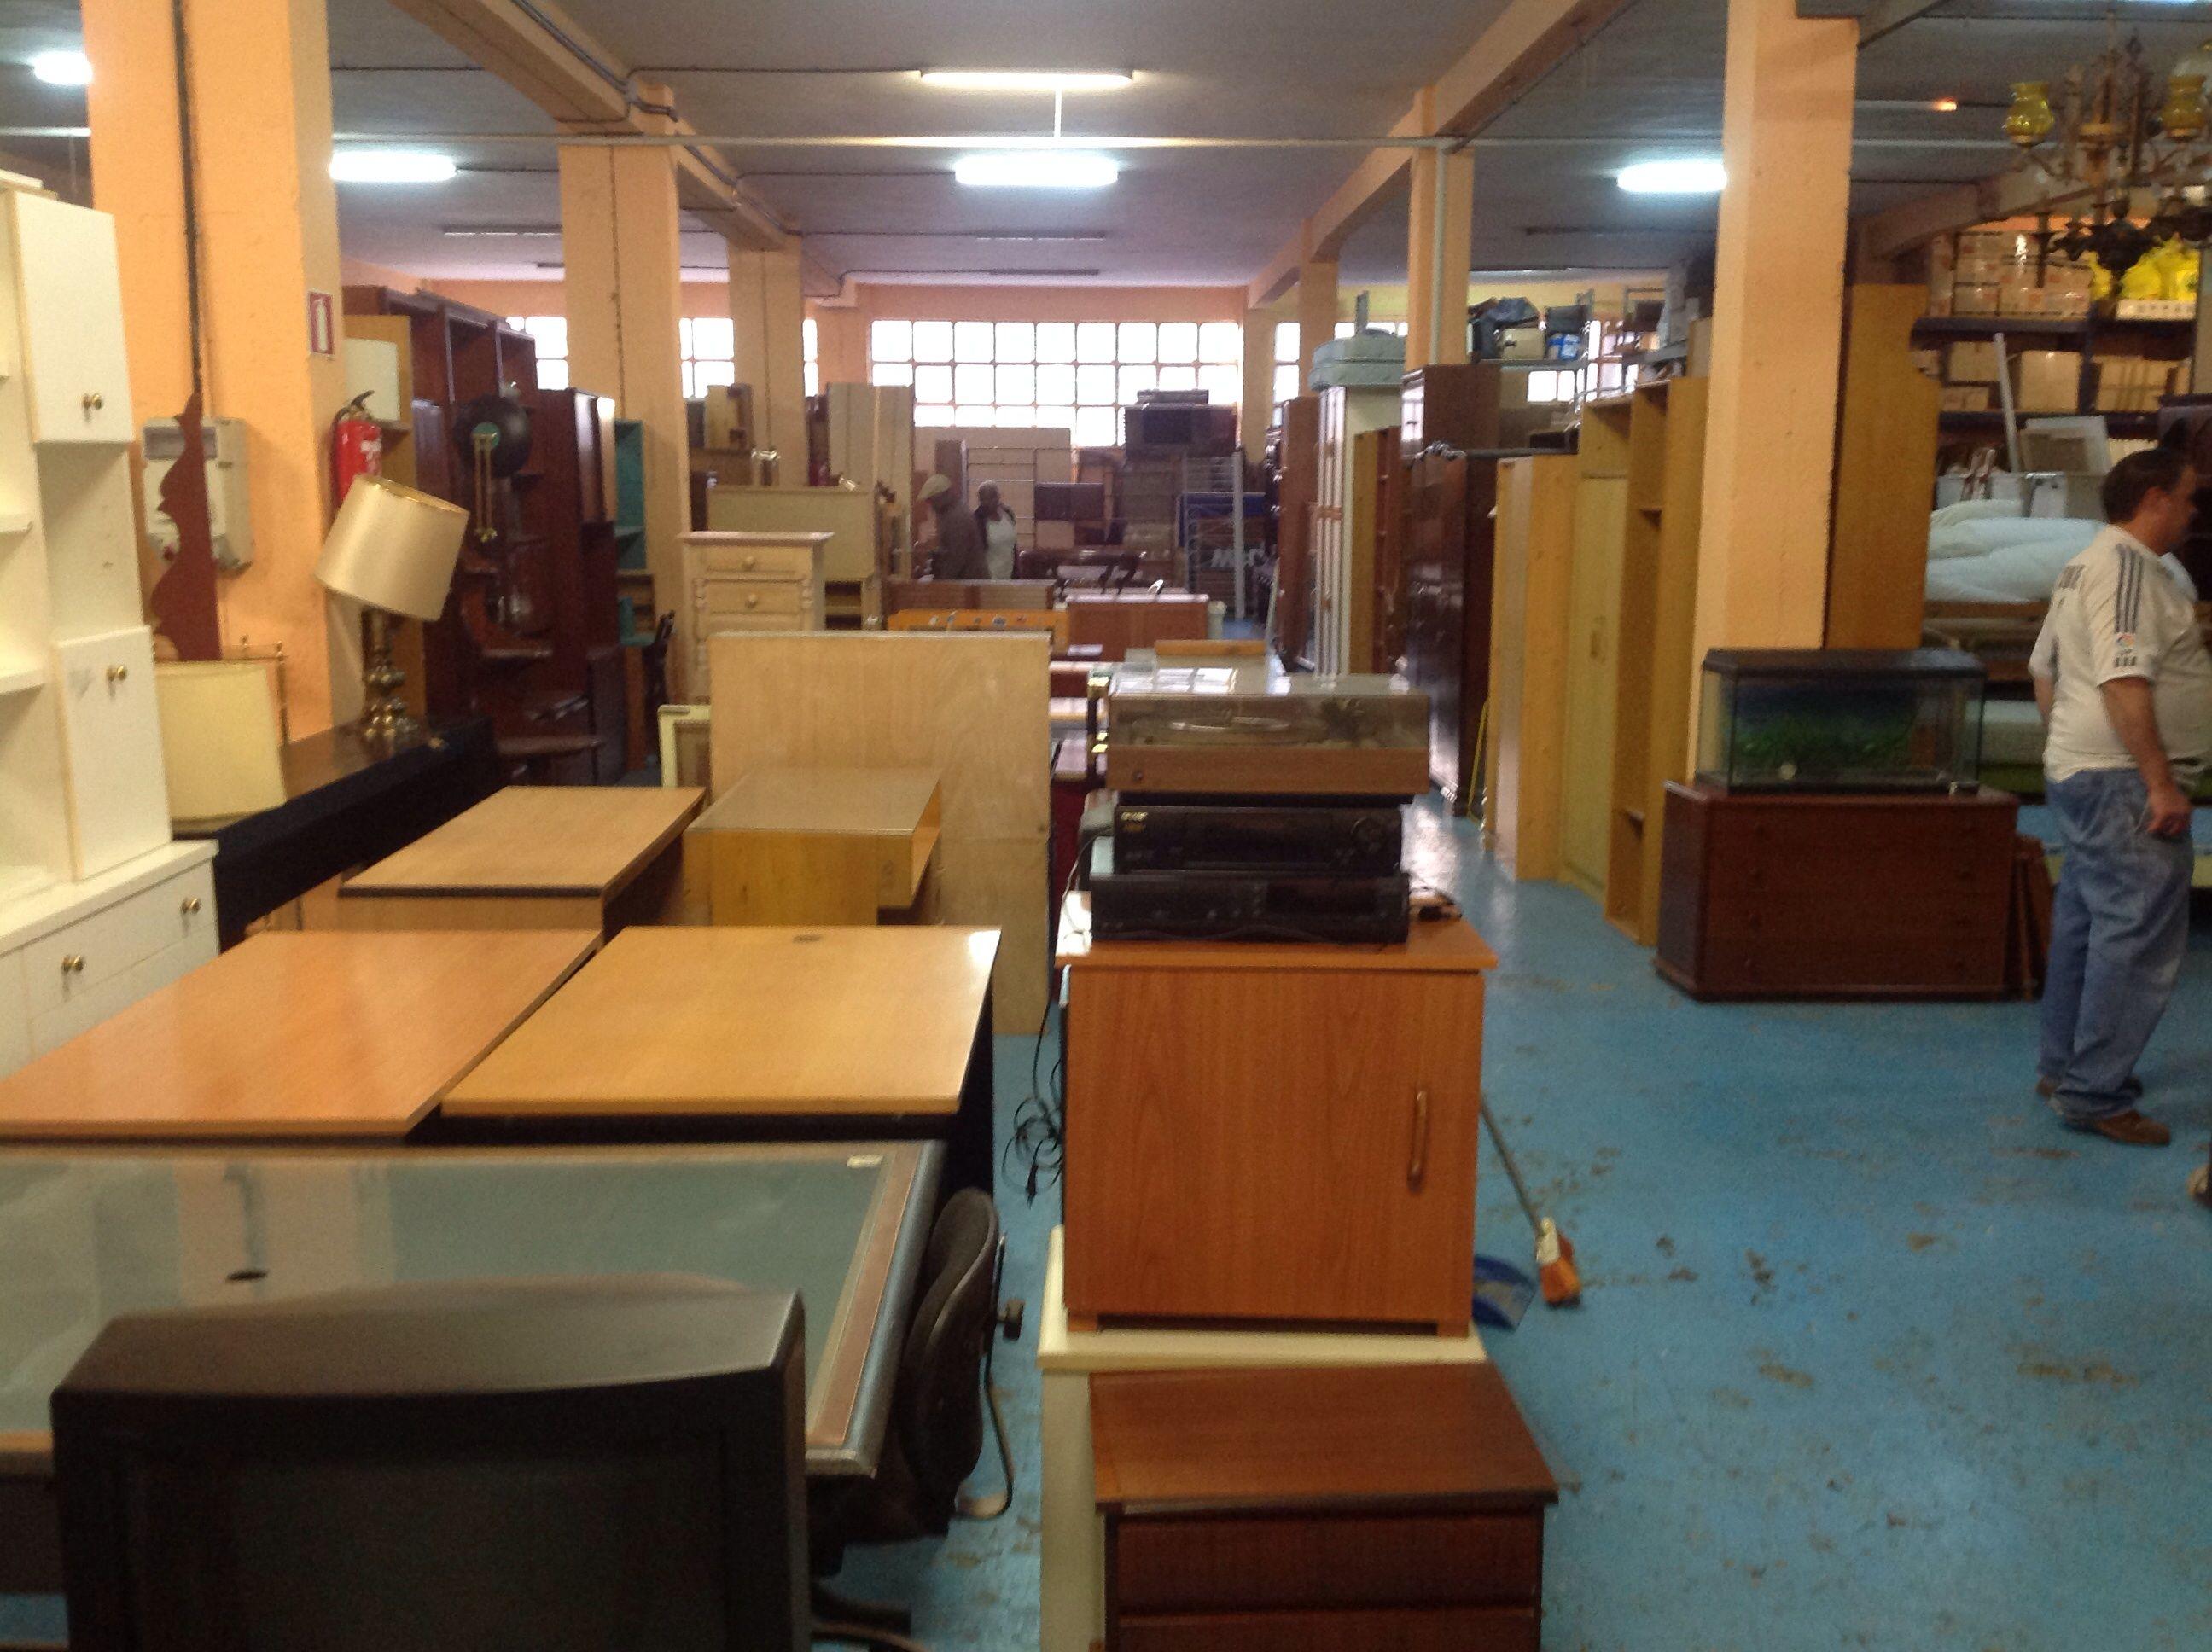 Foto 8 de segunda mano en donostia san sebasti n rastro for Muebles de oficina lorca